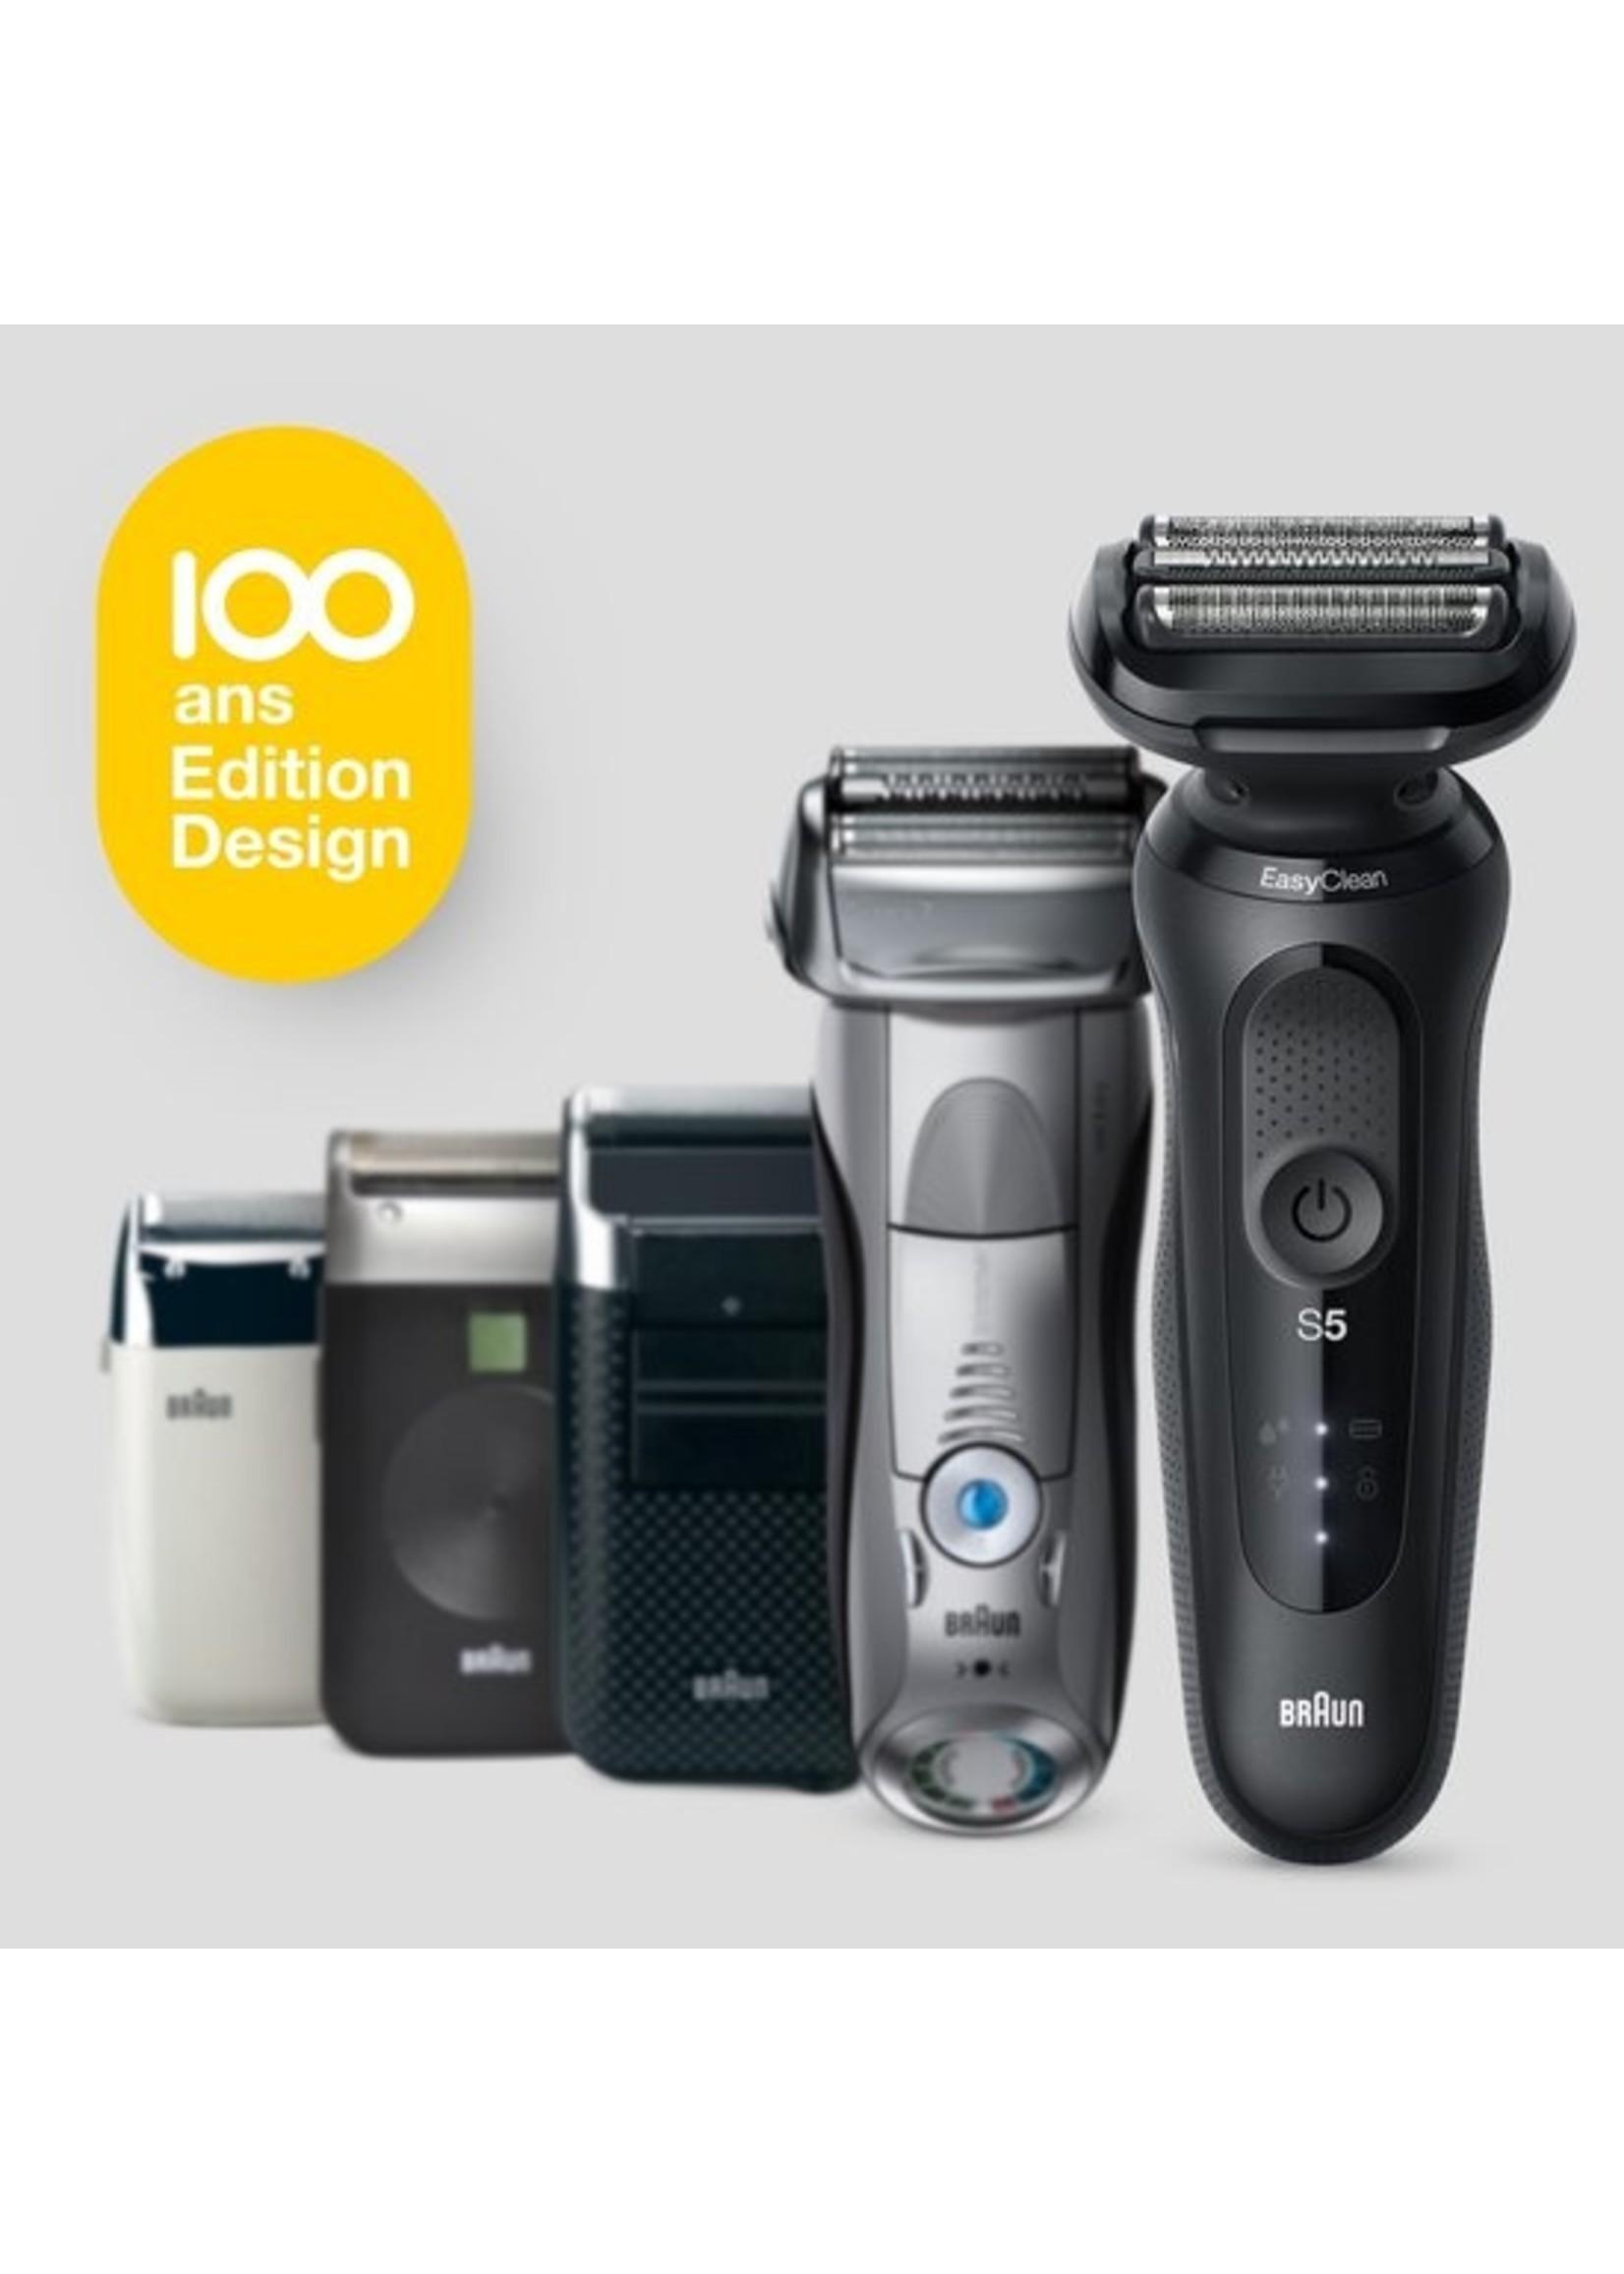 Braun Braun Series 5 Elektrisch , Design Editie met Reisetui - Zwart